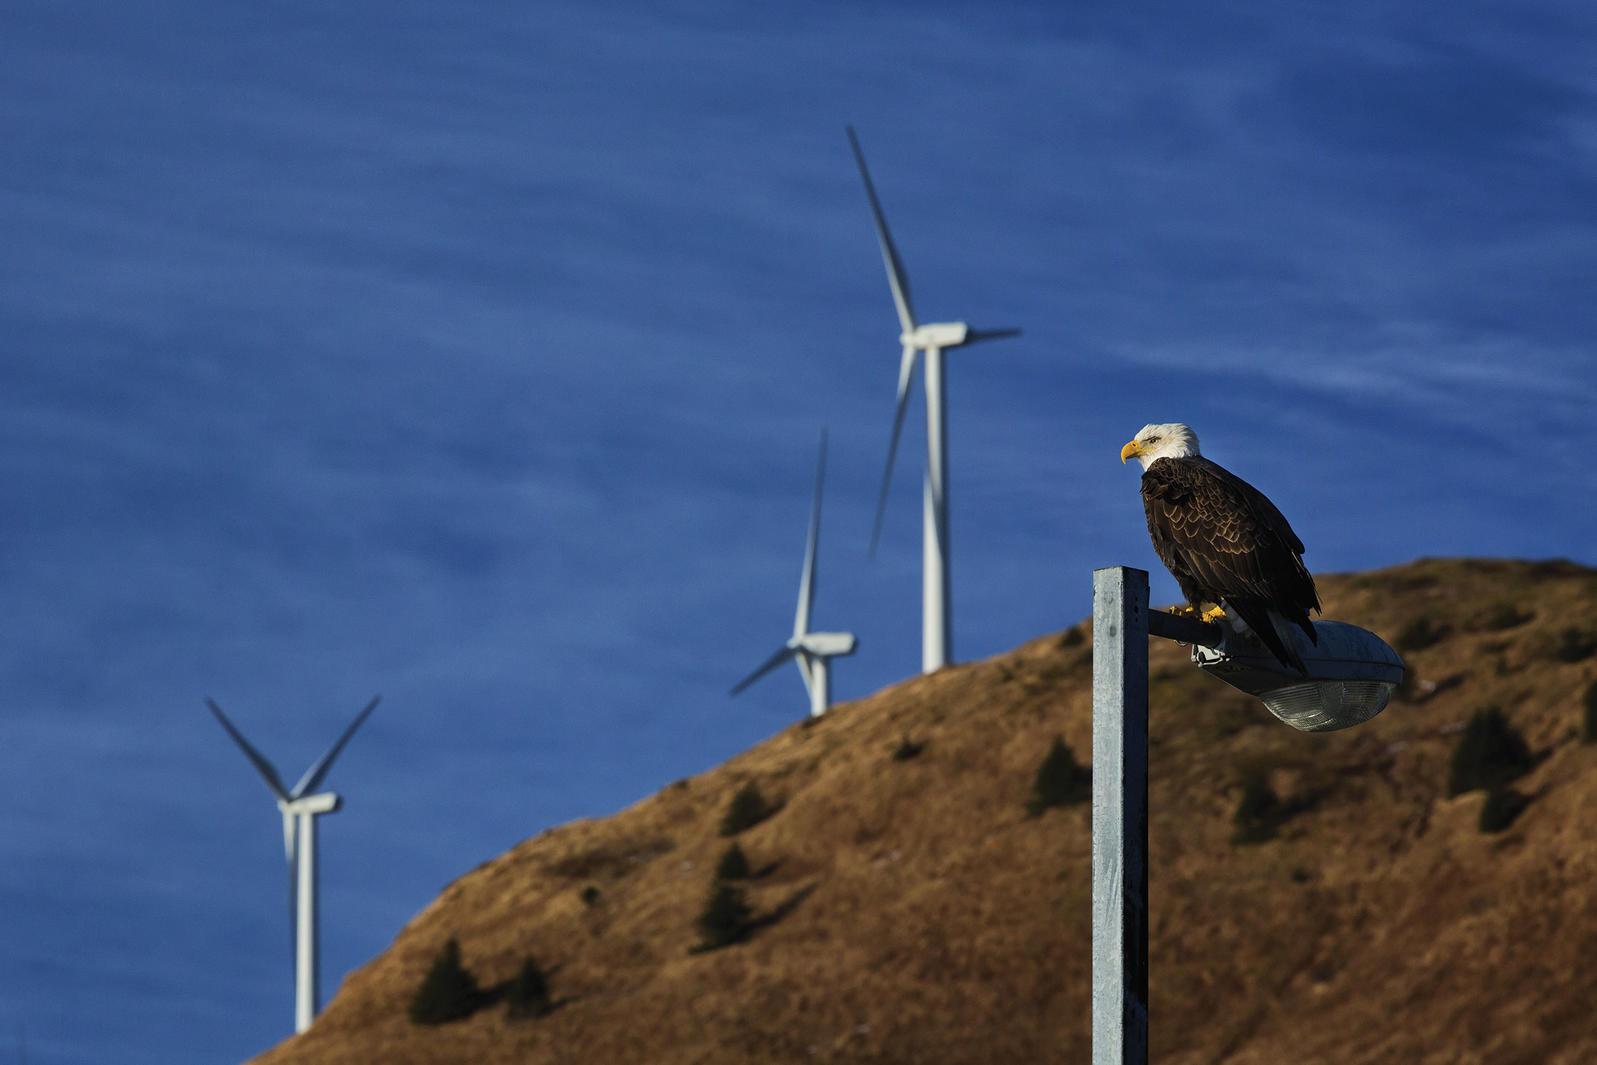 Un Águila Calva se posa en un poste de luz en Kodiak, Alaska.